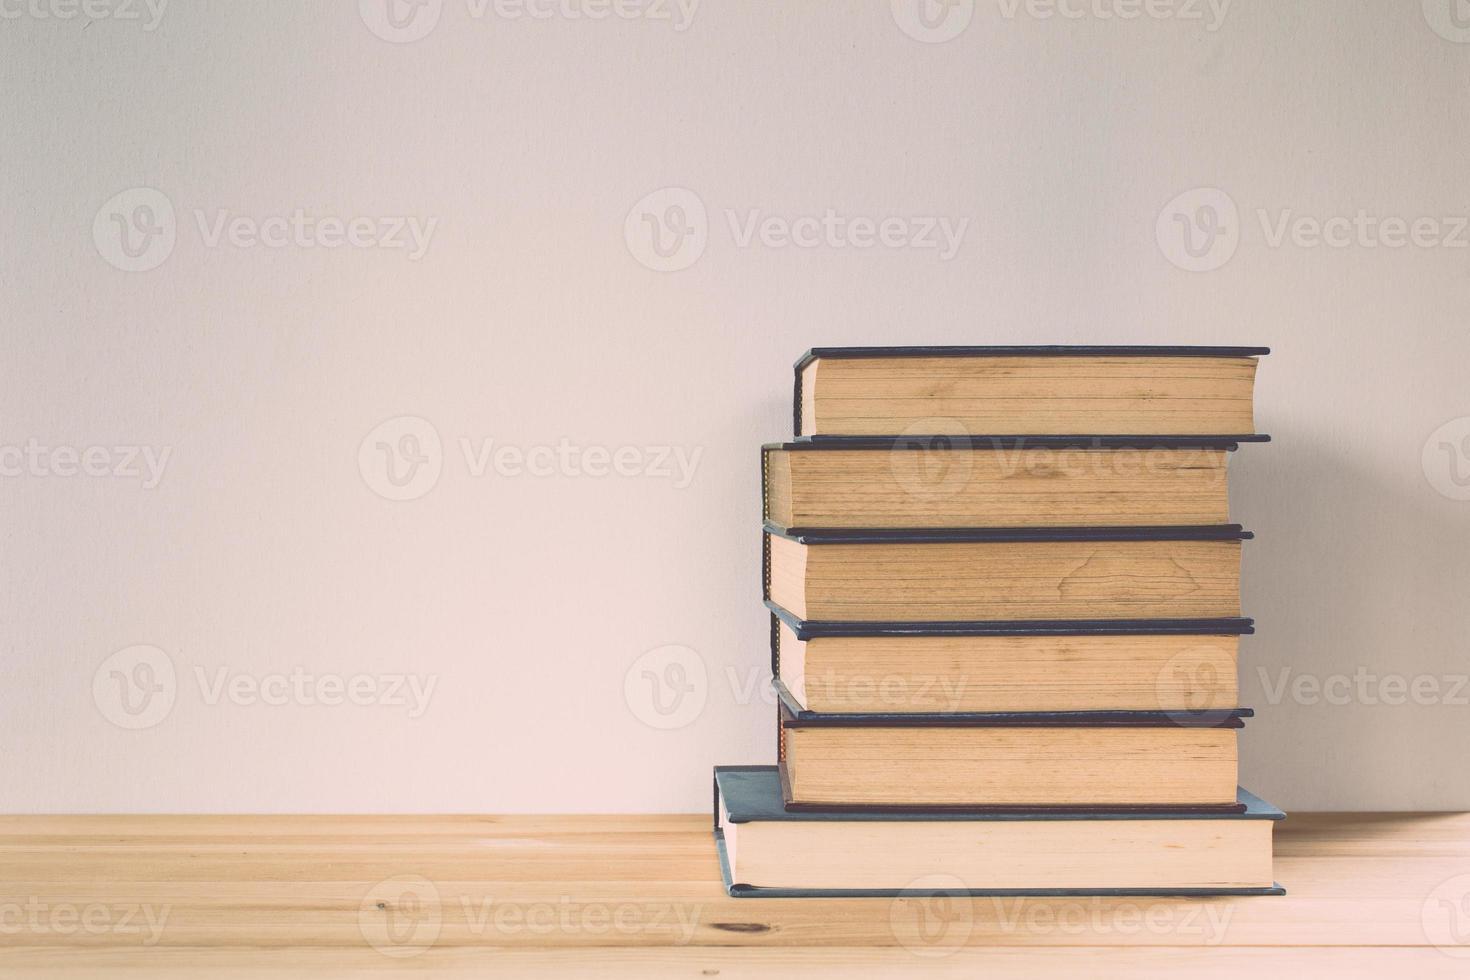 vintage toon van boeken op houten tafel foto